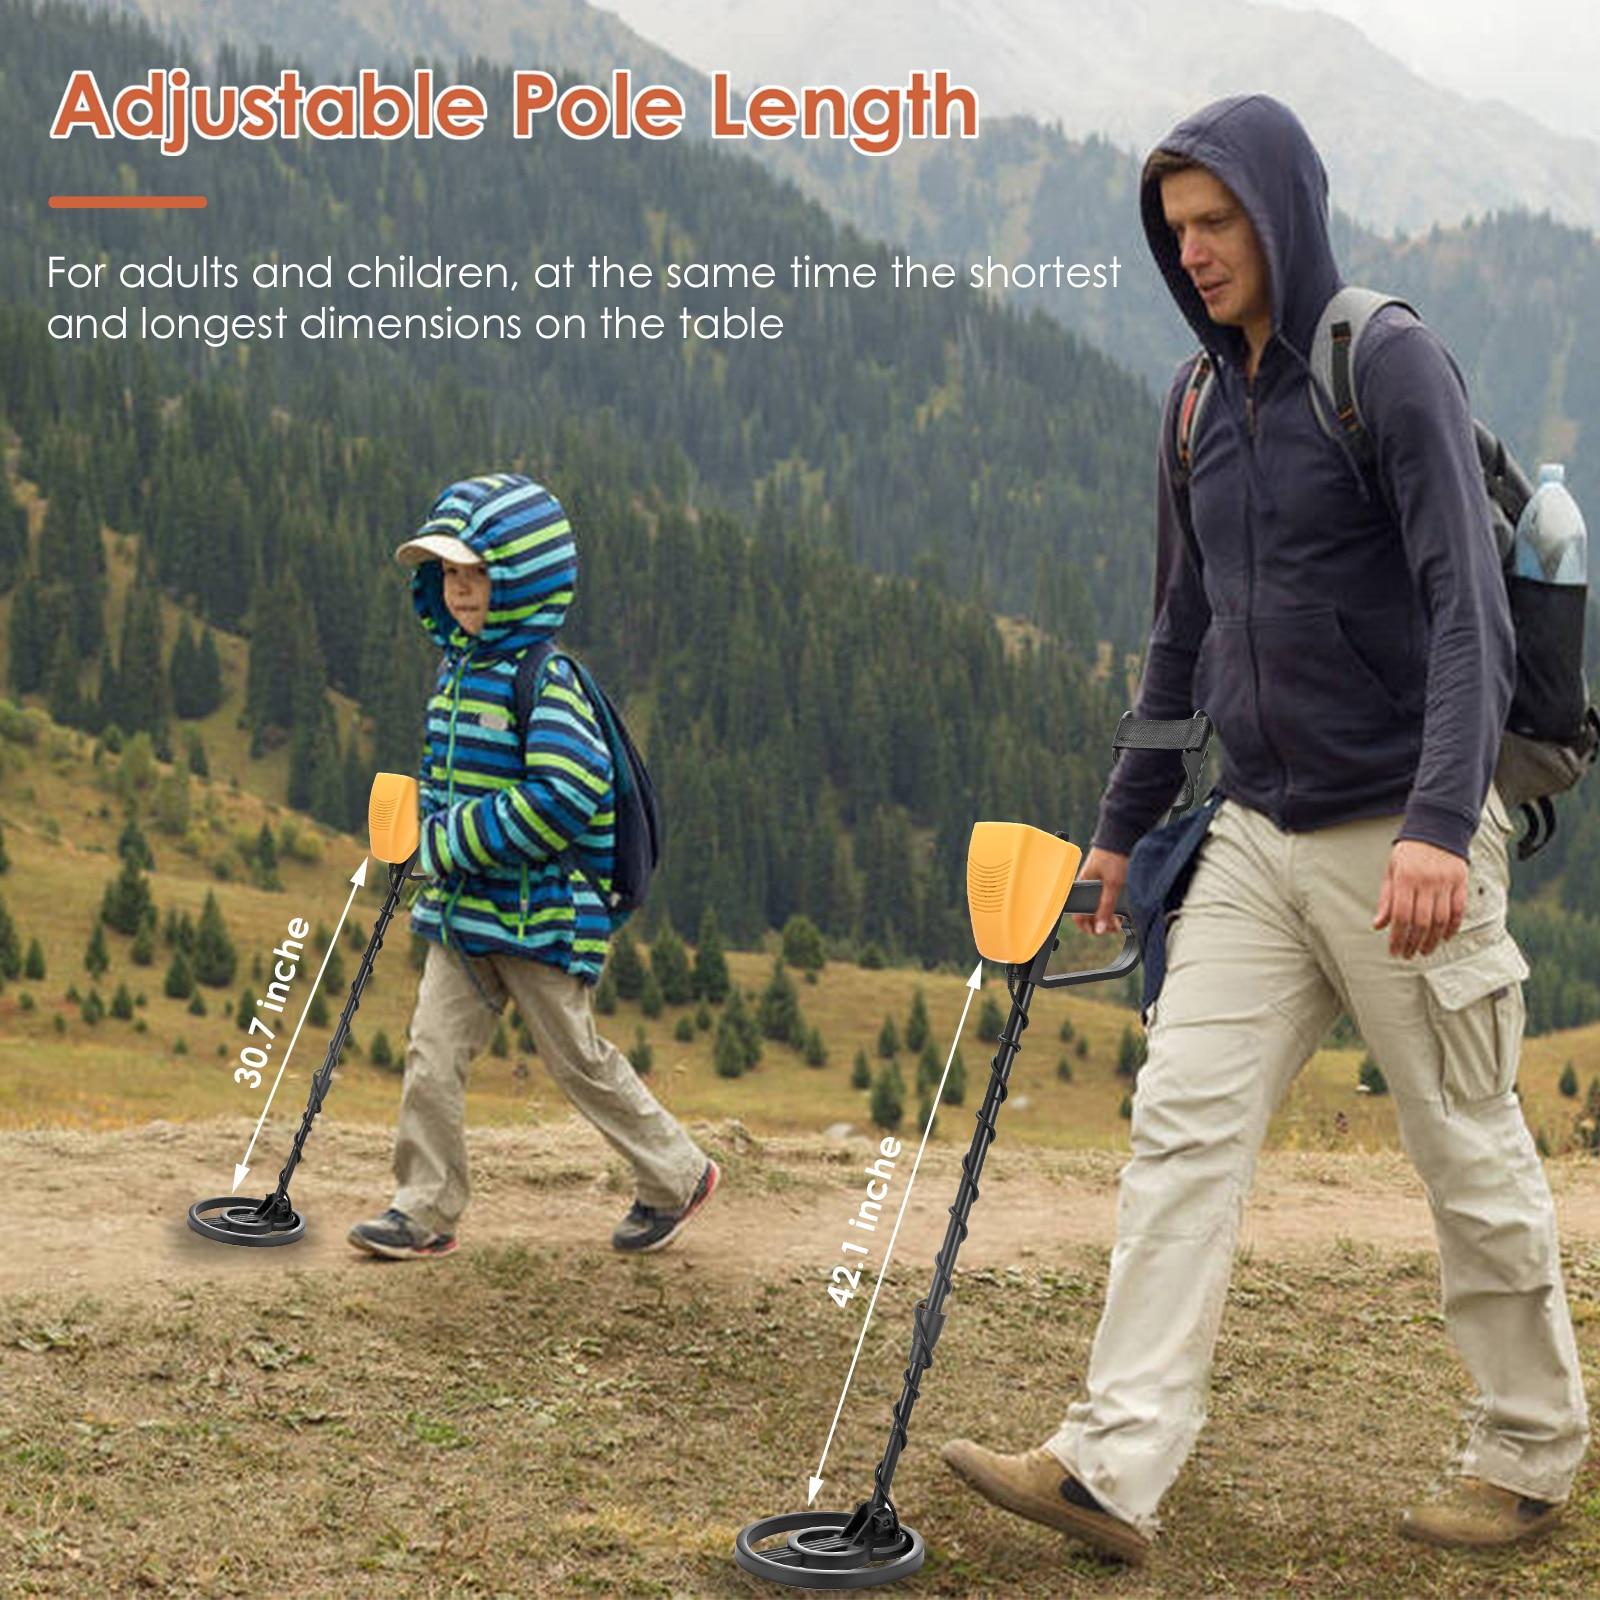 Высокоточные водонепроницаемые металлоискатели с ЖК-дисплеем, детектор металла для детей и взрослых